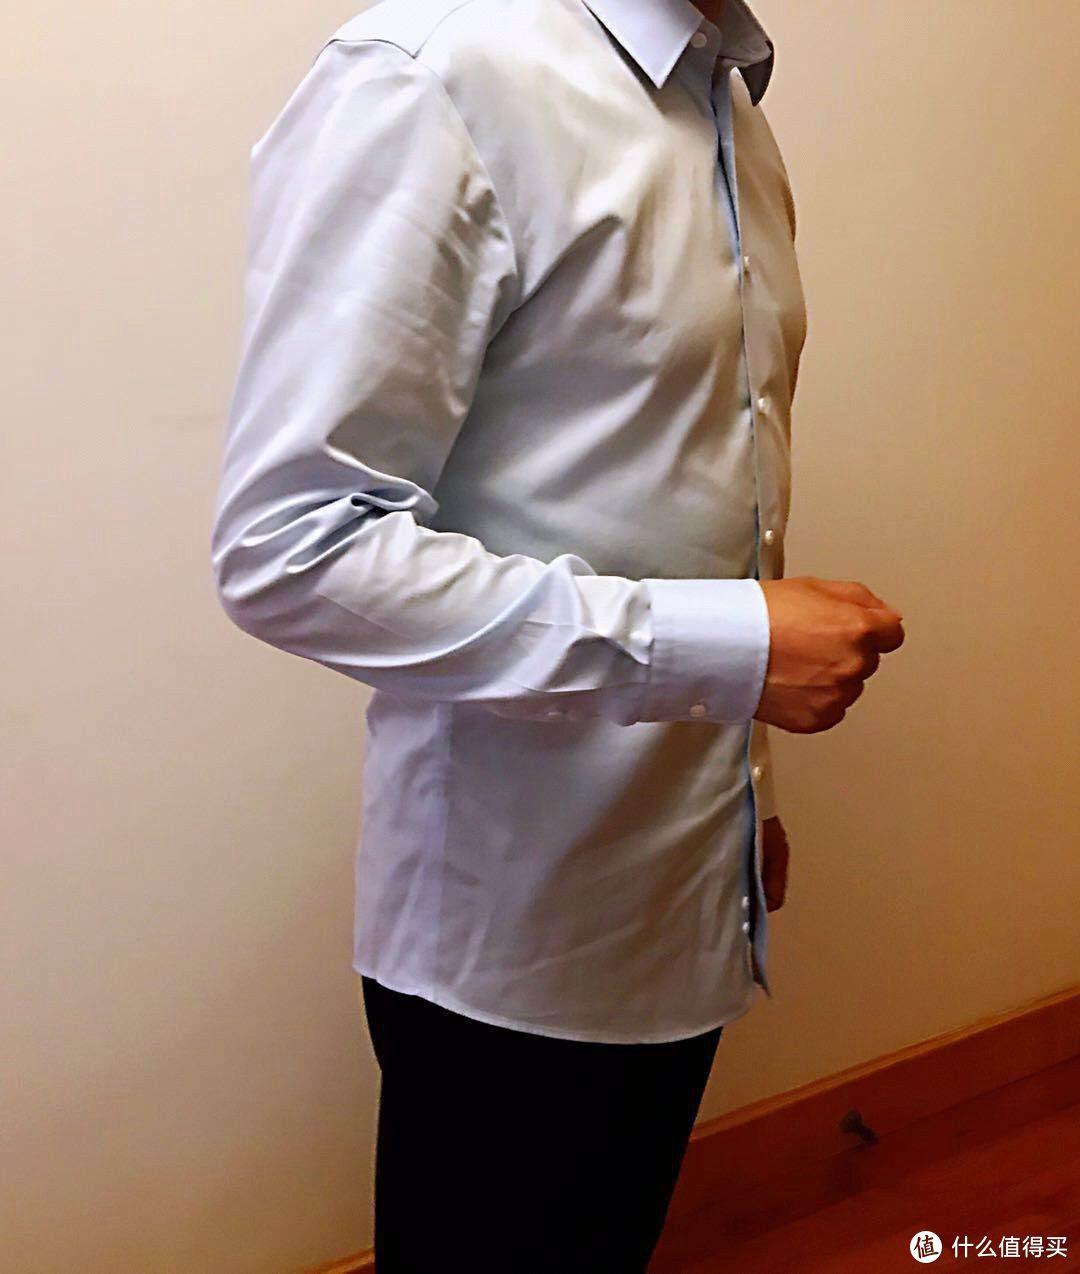 体验定制的舒适合身-码尚定制全棉免烫衬衫购入体验